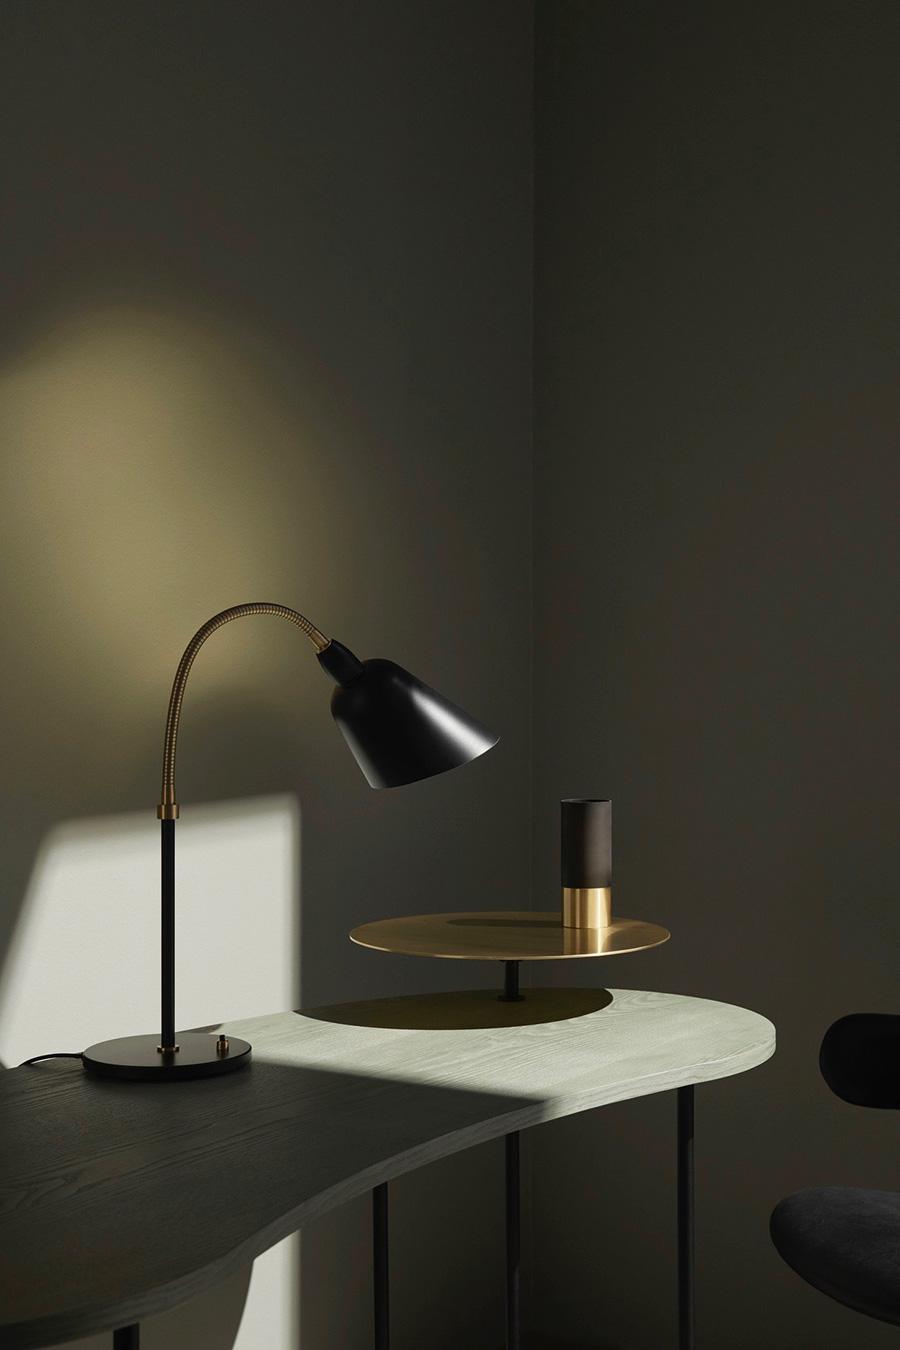 45°にカットされたシェードと、照らしたい方向へ光を向けることができるフレキシブルなアームが特徴。